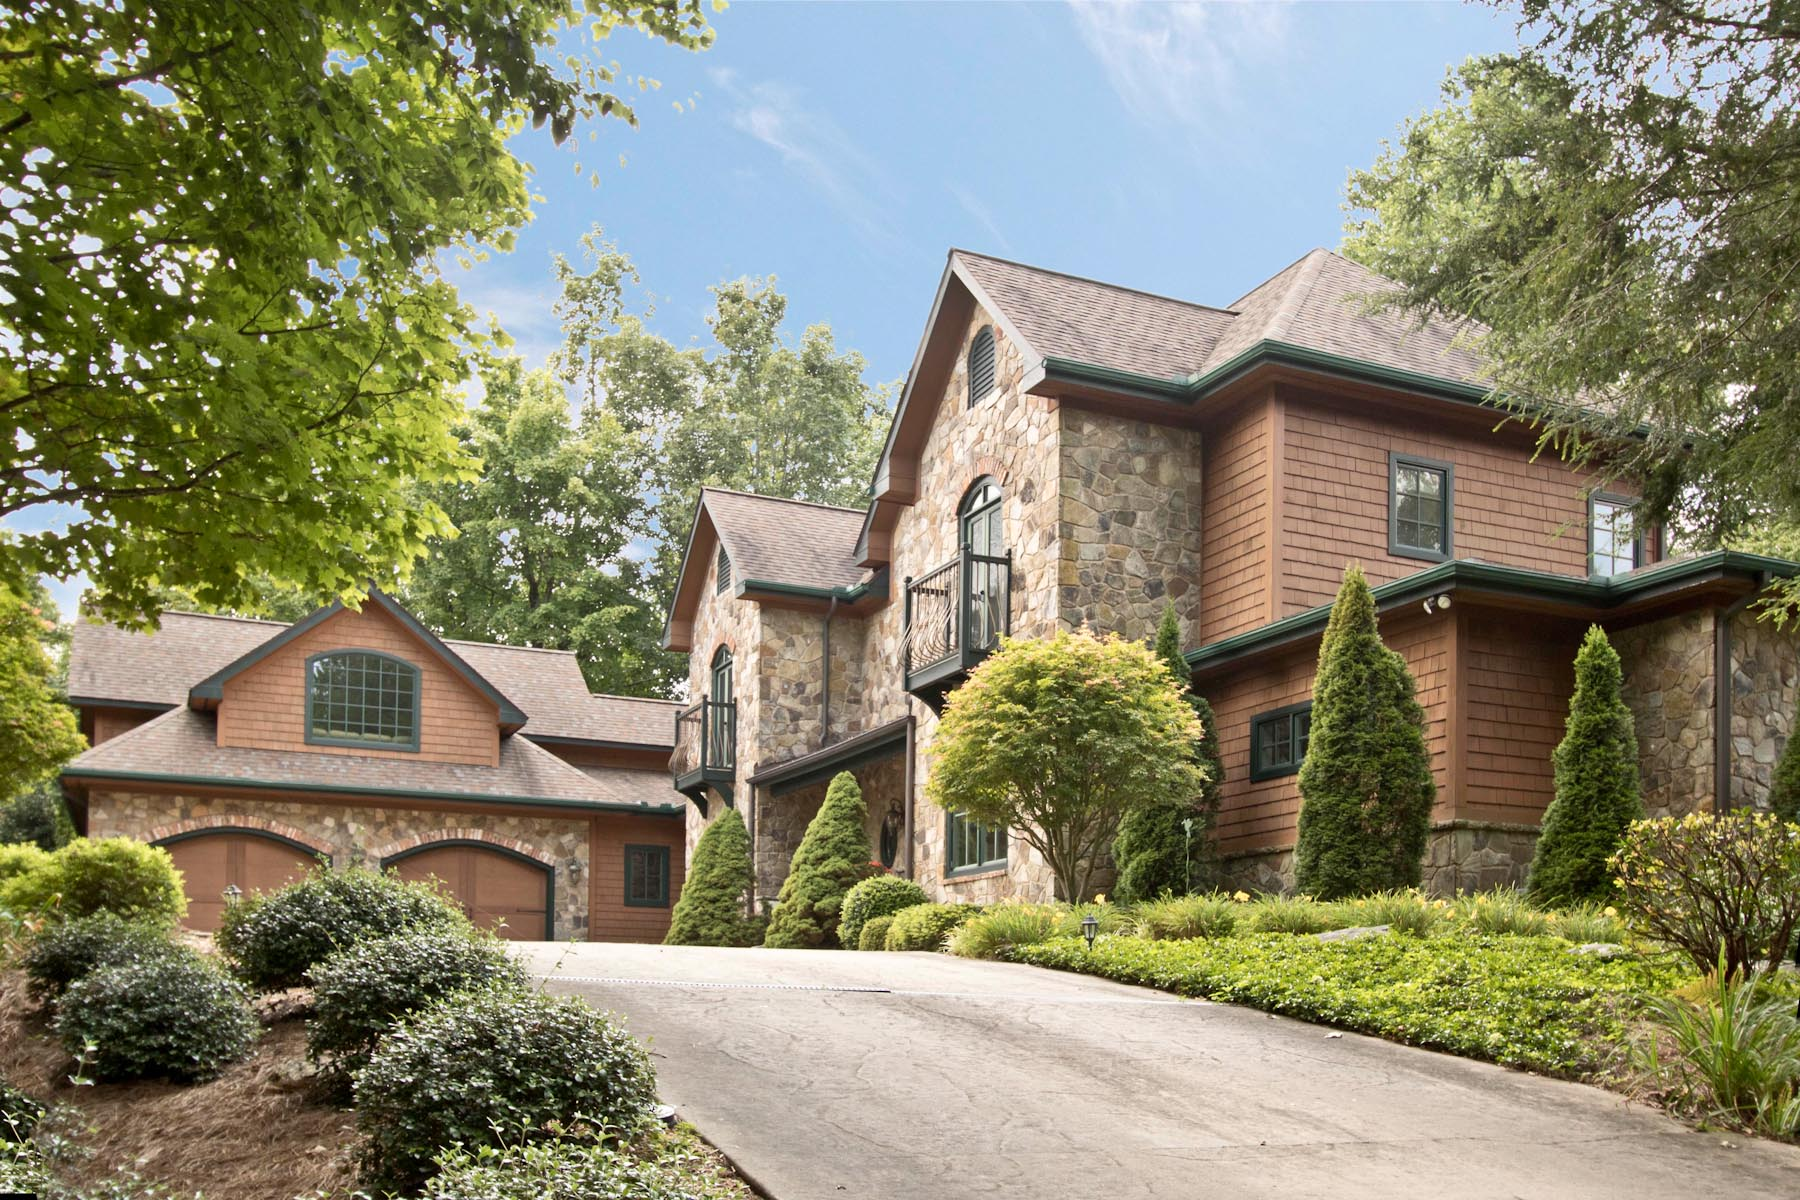 Частный односемейный дом для того Продажа на Hart 220 Upper Scenic Drive Dillard, Джорджия 30537 Соединенные Штаты